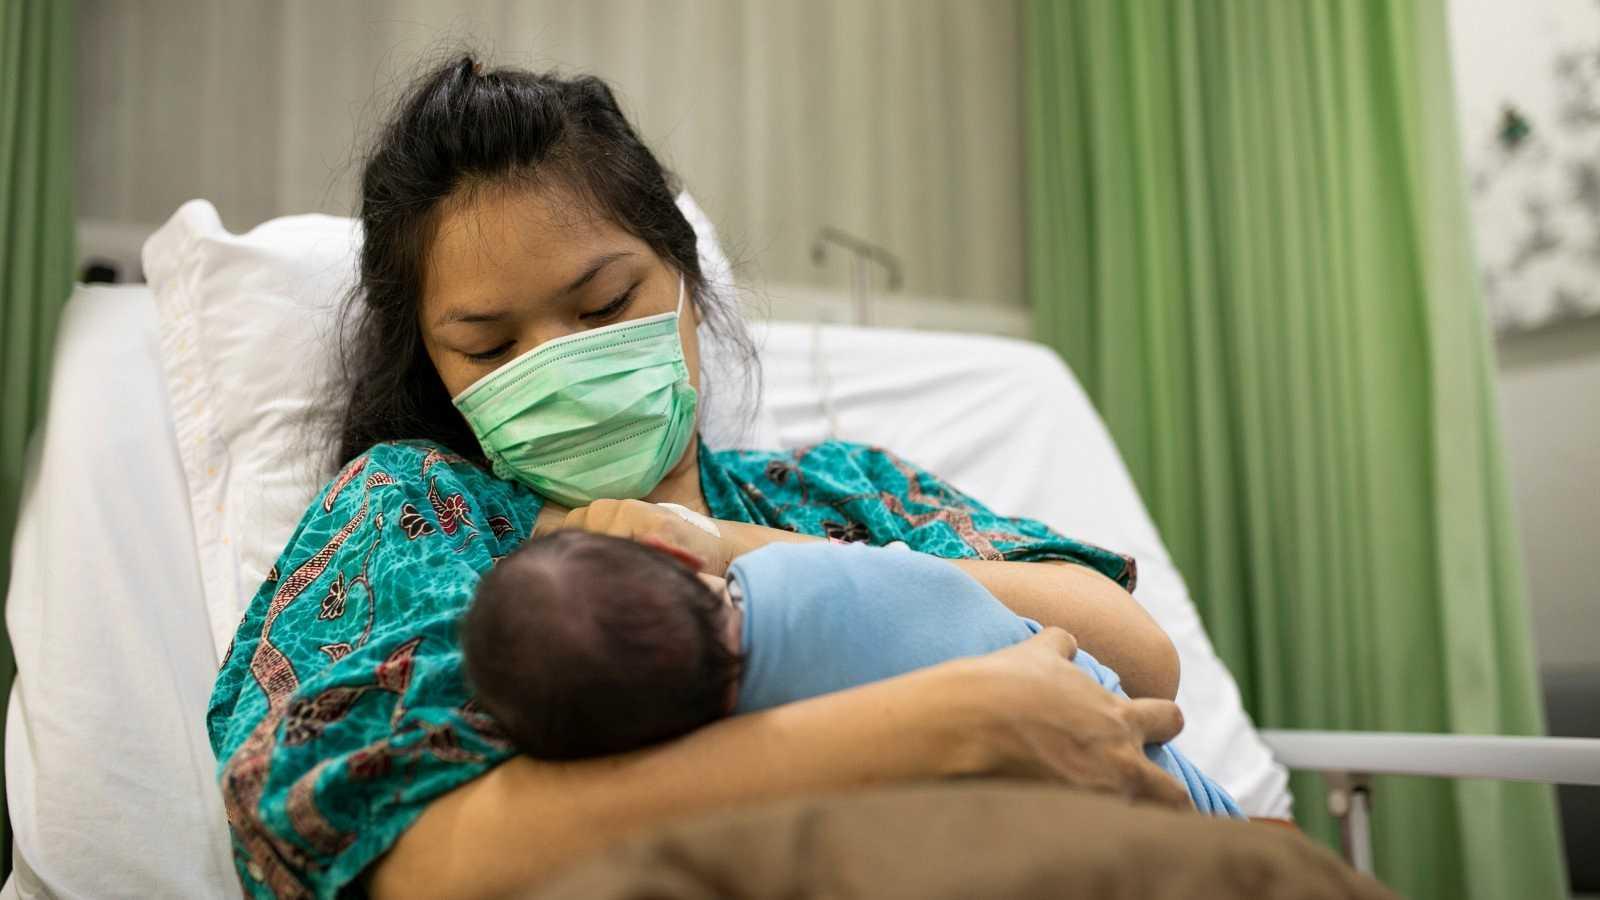 Una madre con mascarilla sostiene a su bebé recién nacido.